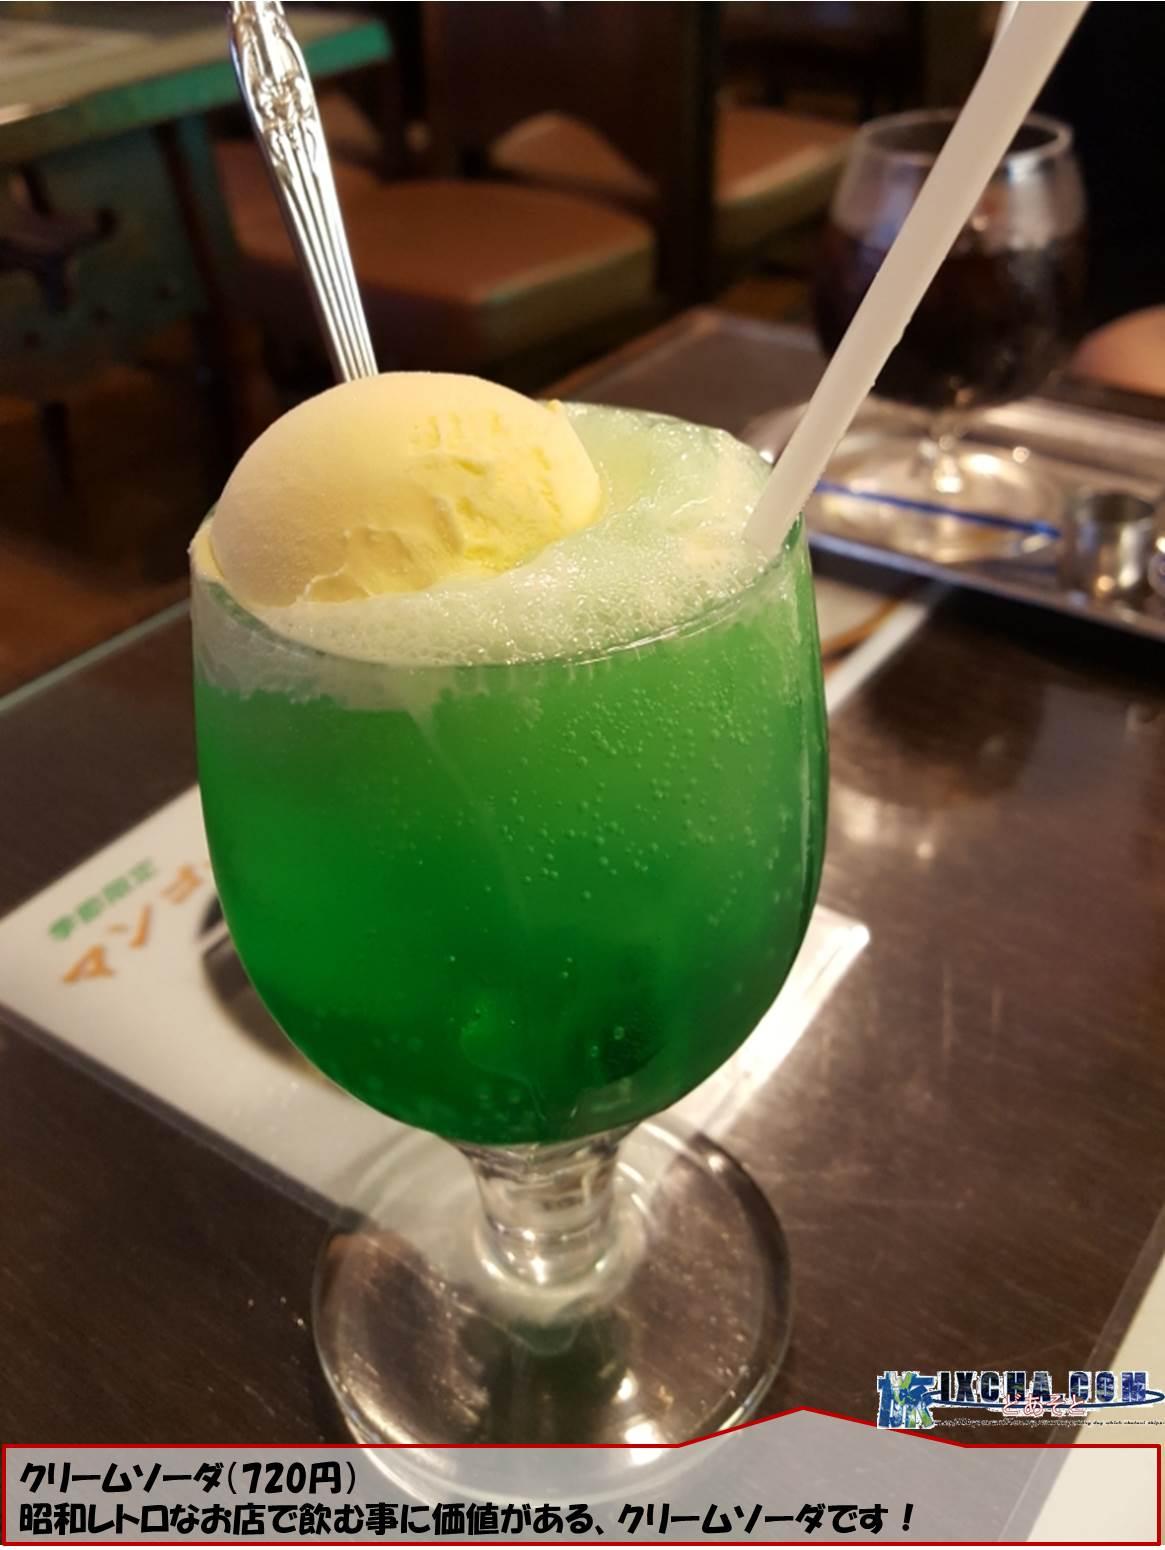 クリームソーダ(720円) 昭和レトロなお店で飲む事に価値がある、クリームソーダです!